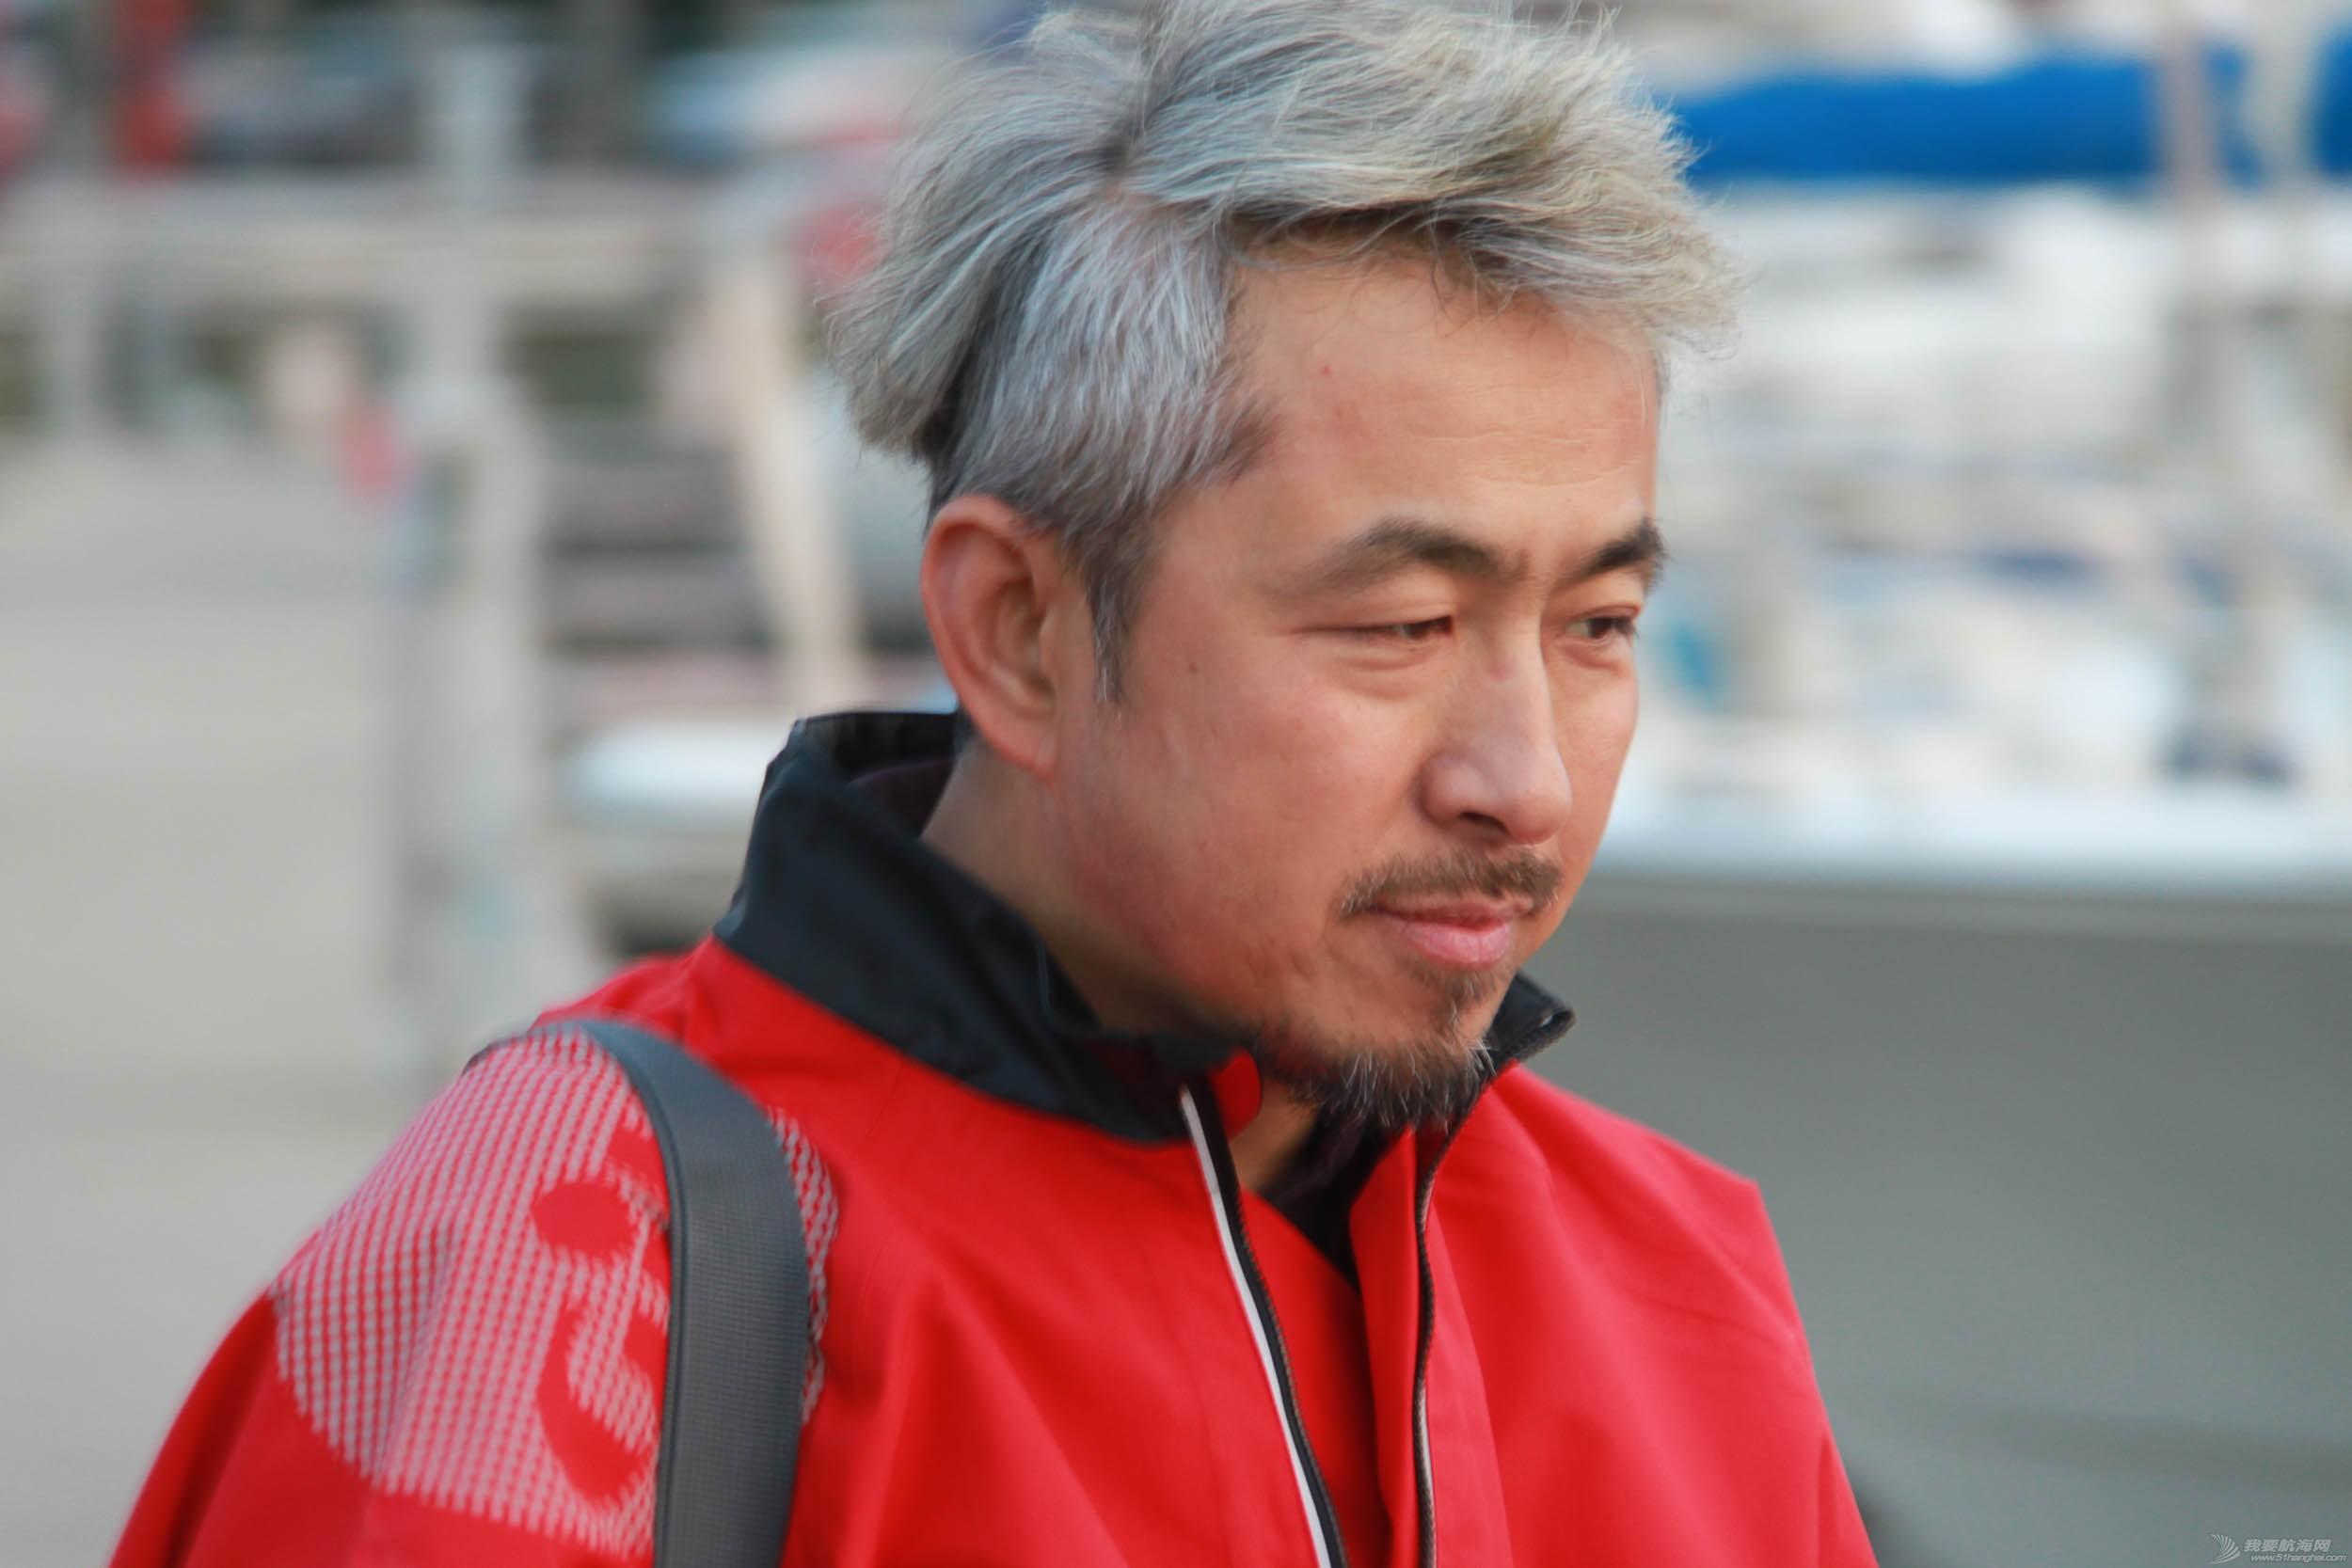 飞鱼,教学 【飞鱼制造】教学赛 IMG_1336.jpg